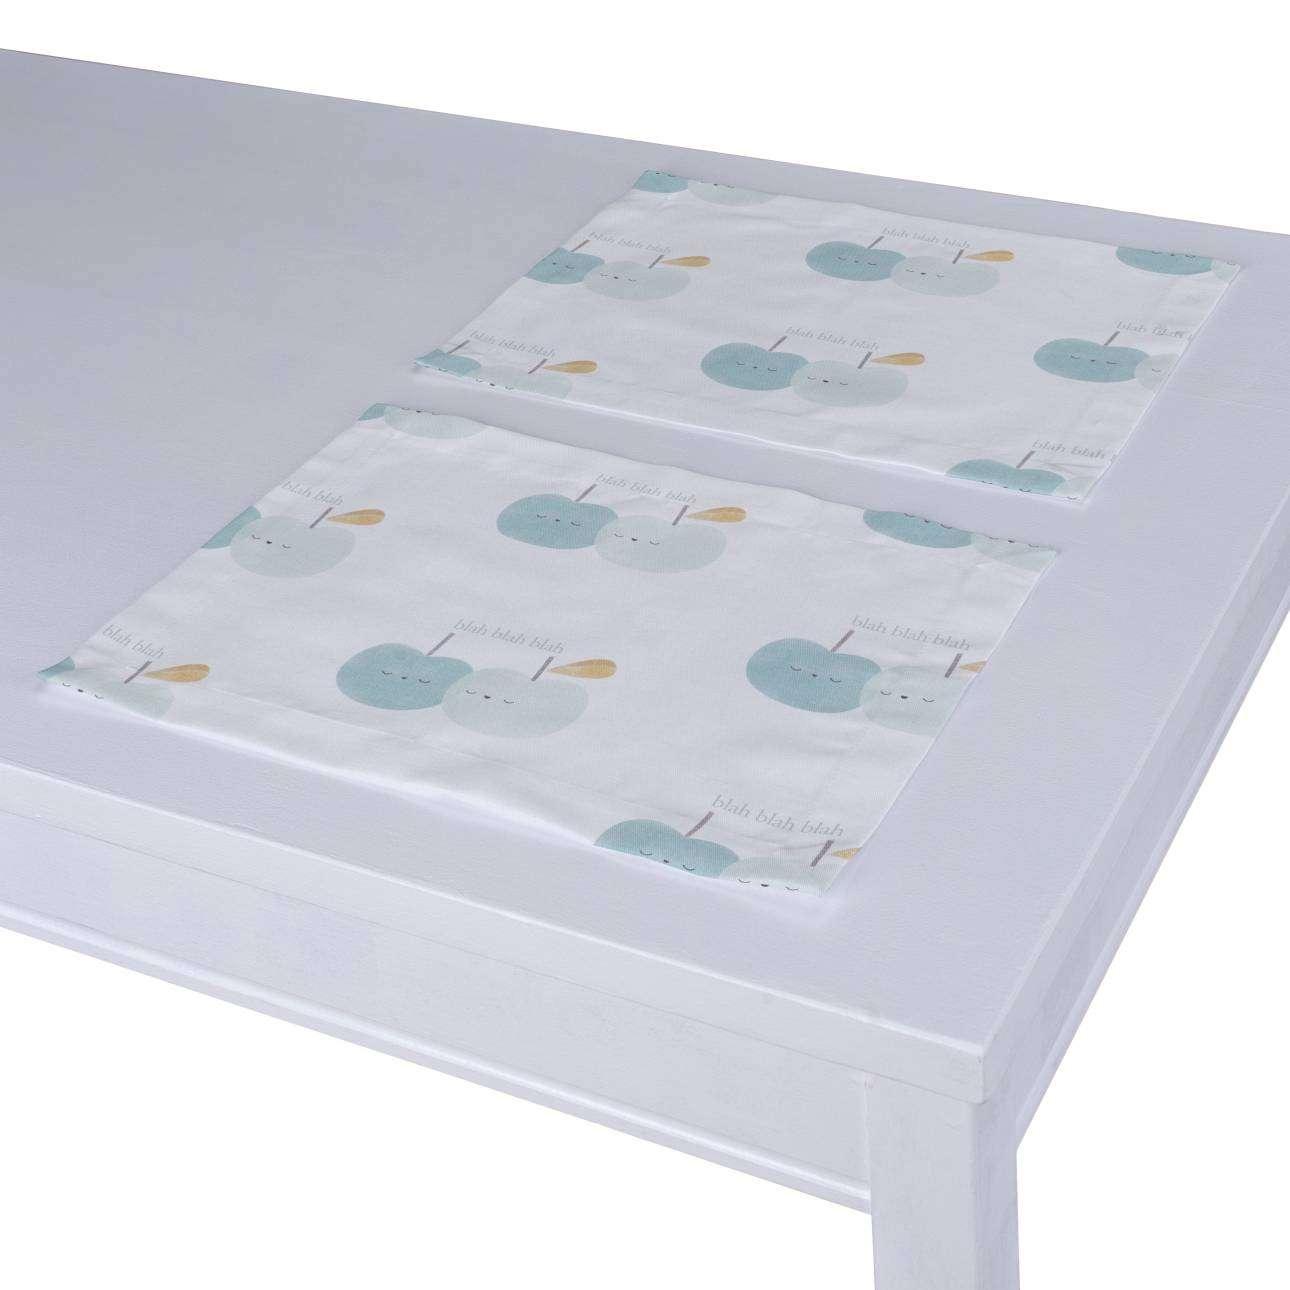 Stalo servetėlės/stalo padėkliukai – 2 vnt. 30 x 40 cm kolekcijoje Apanona, audinys: 151-02